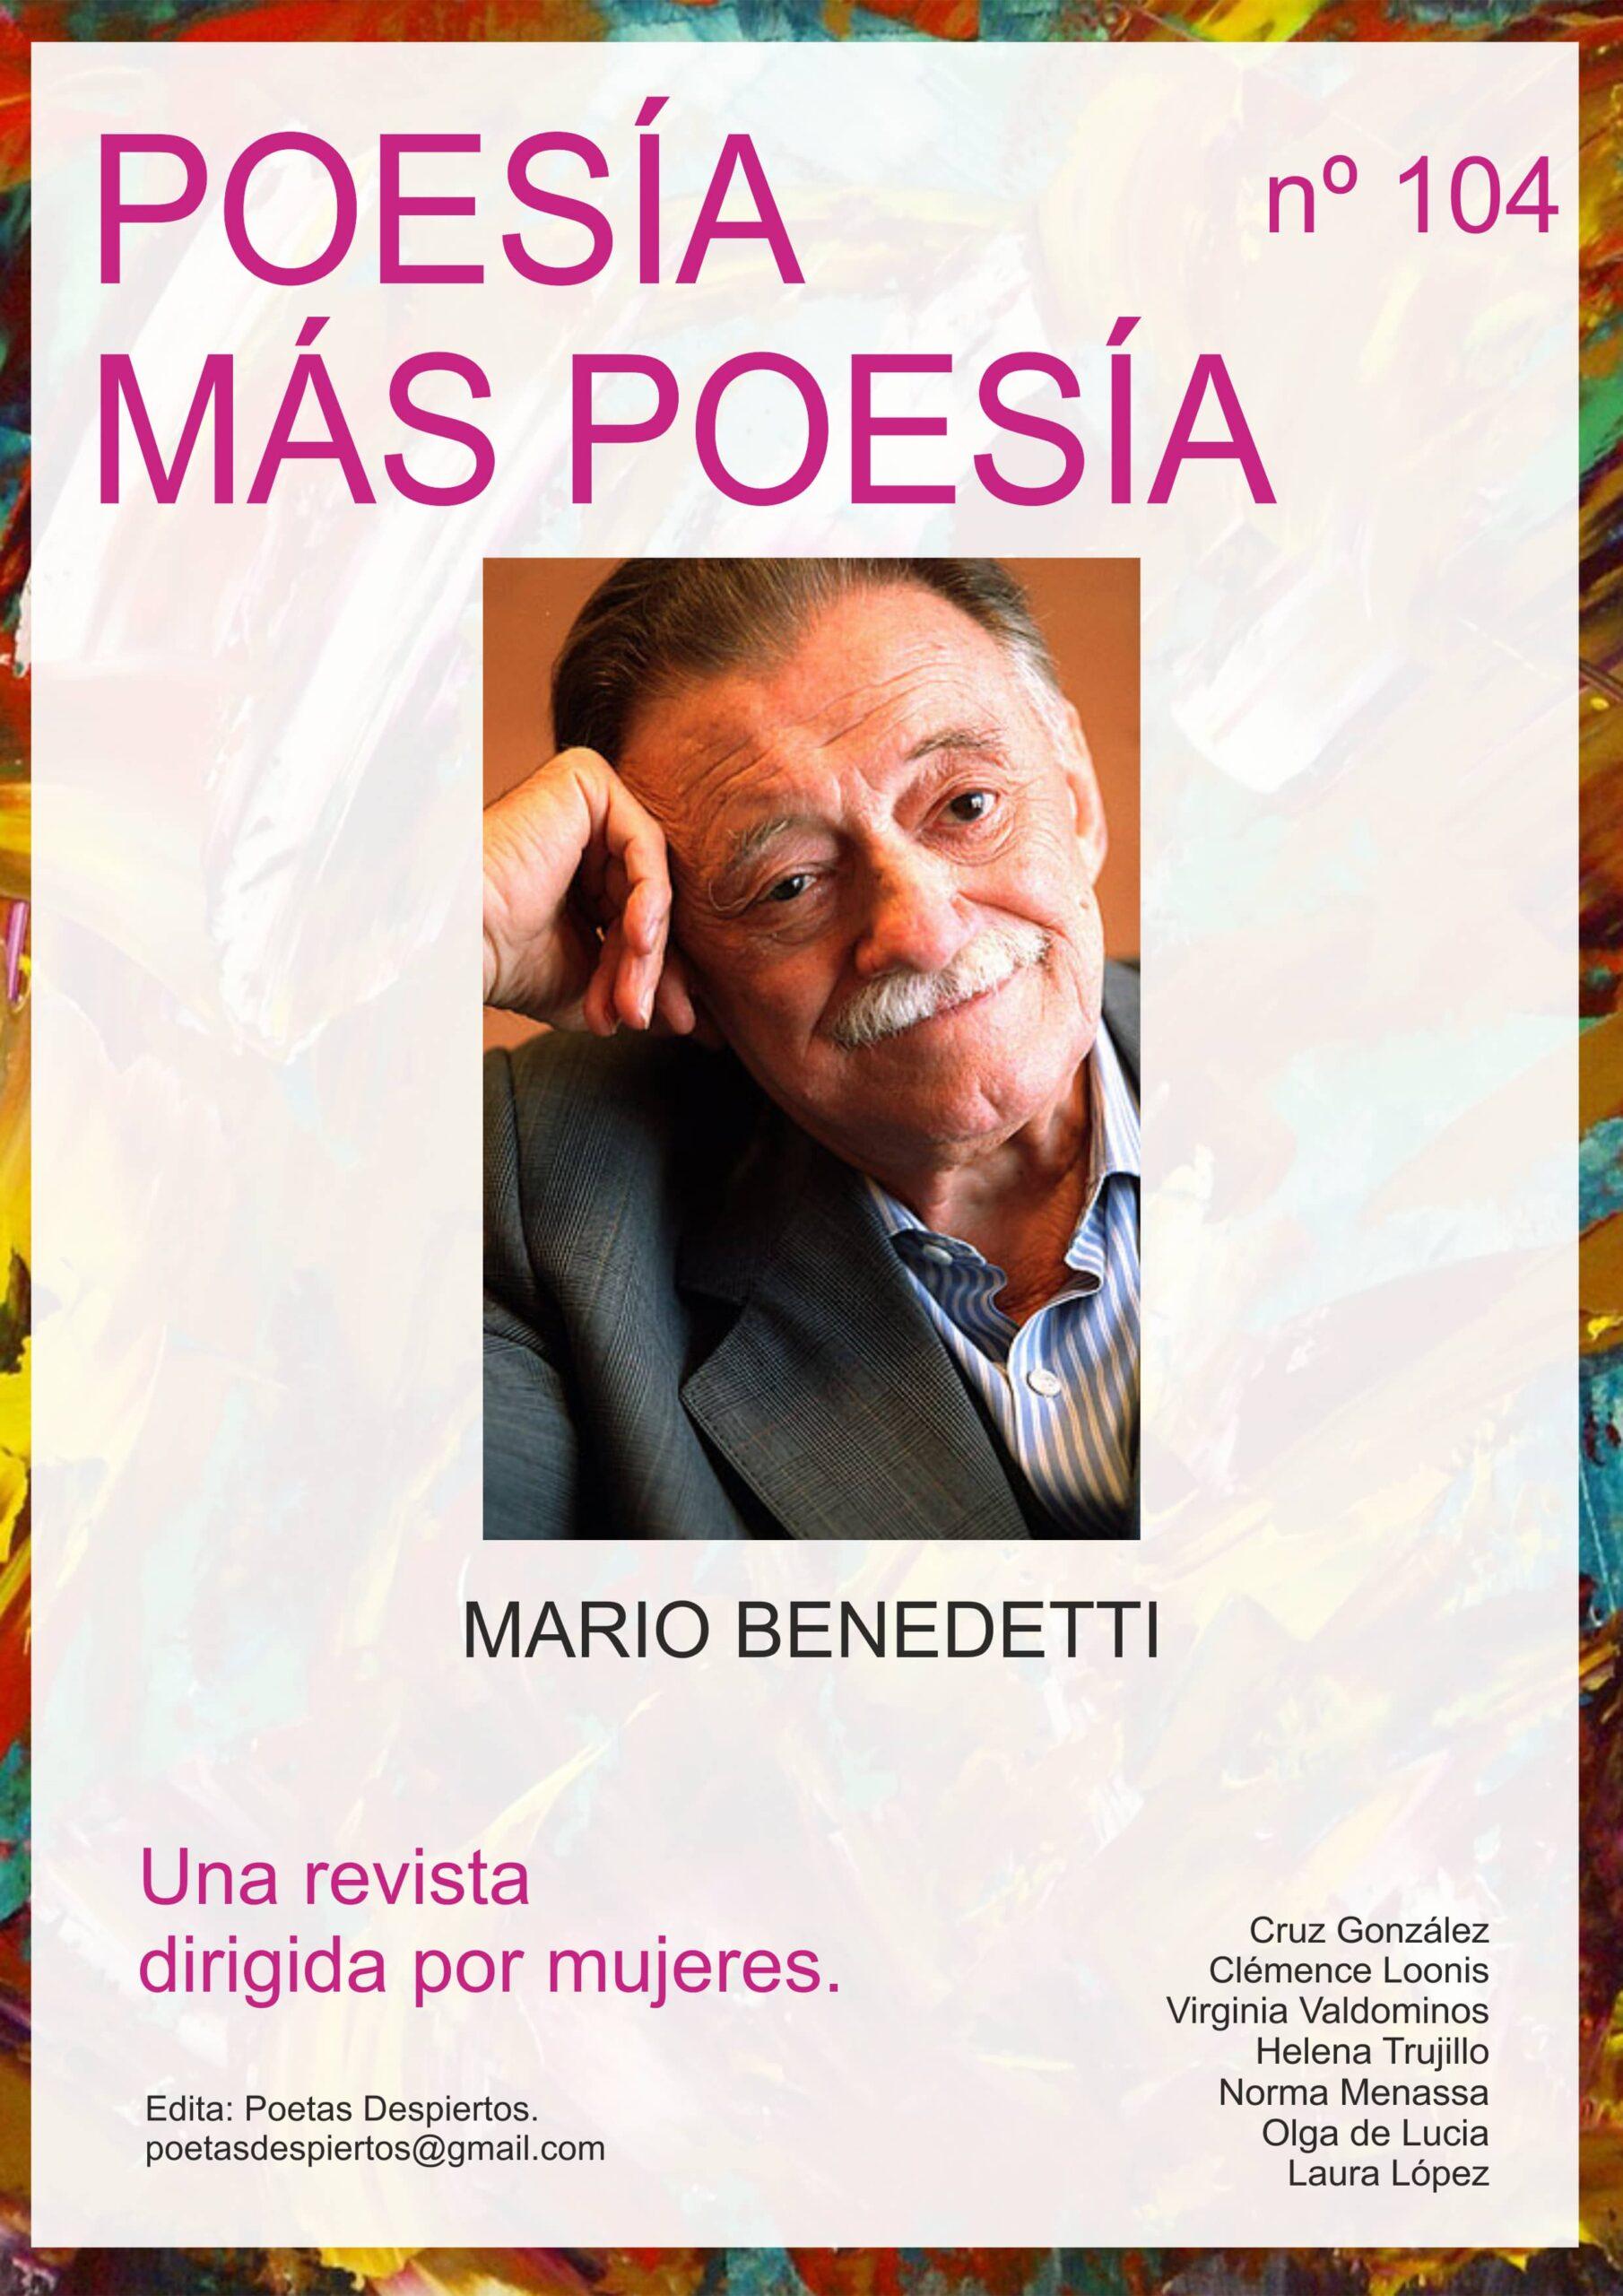 Revista Poesía más Poesía dedicada al poeta uruguayo Mario Benedetti